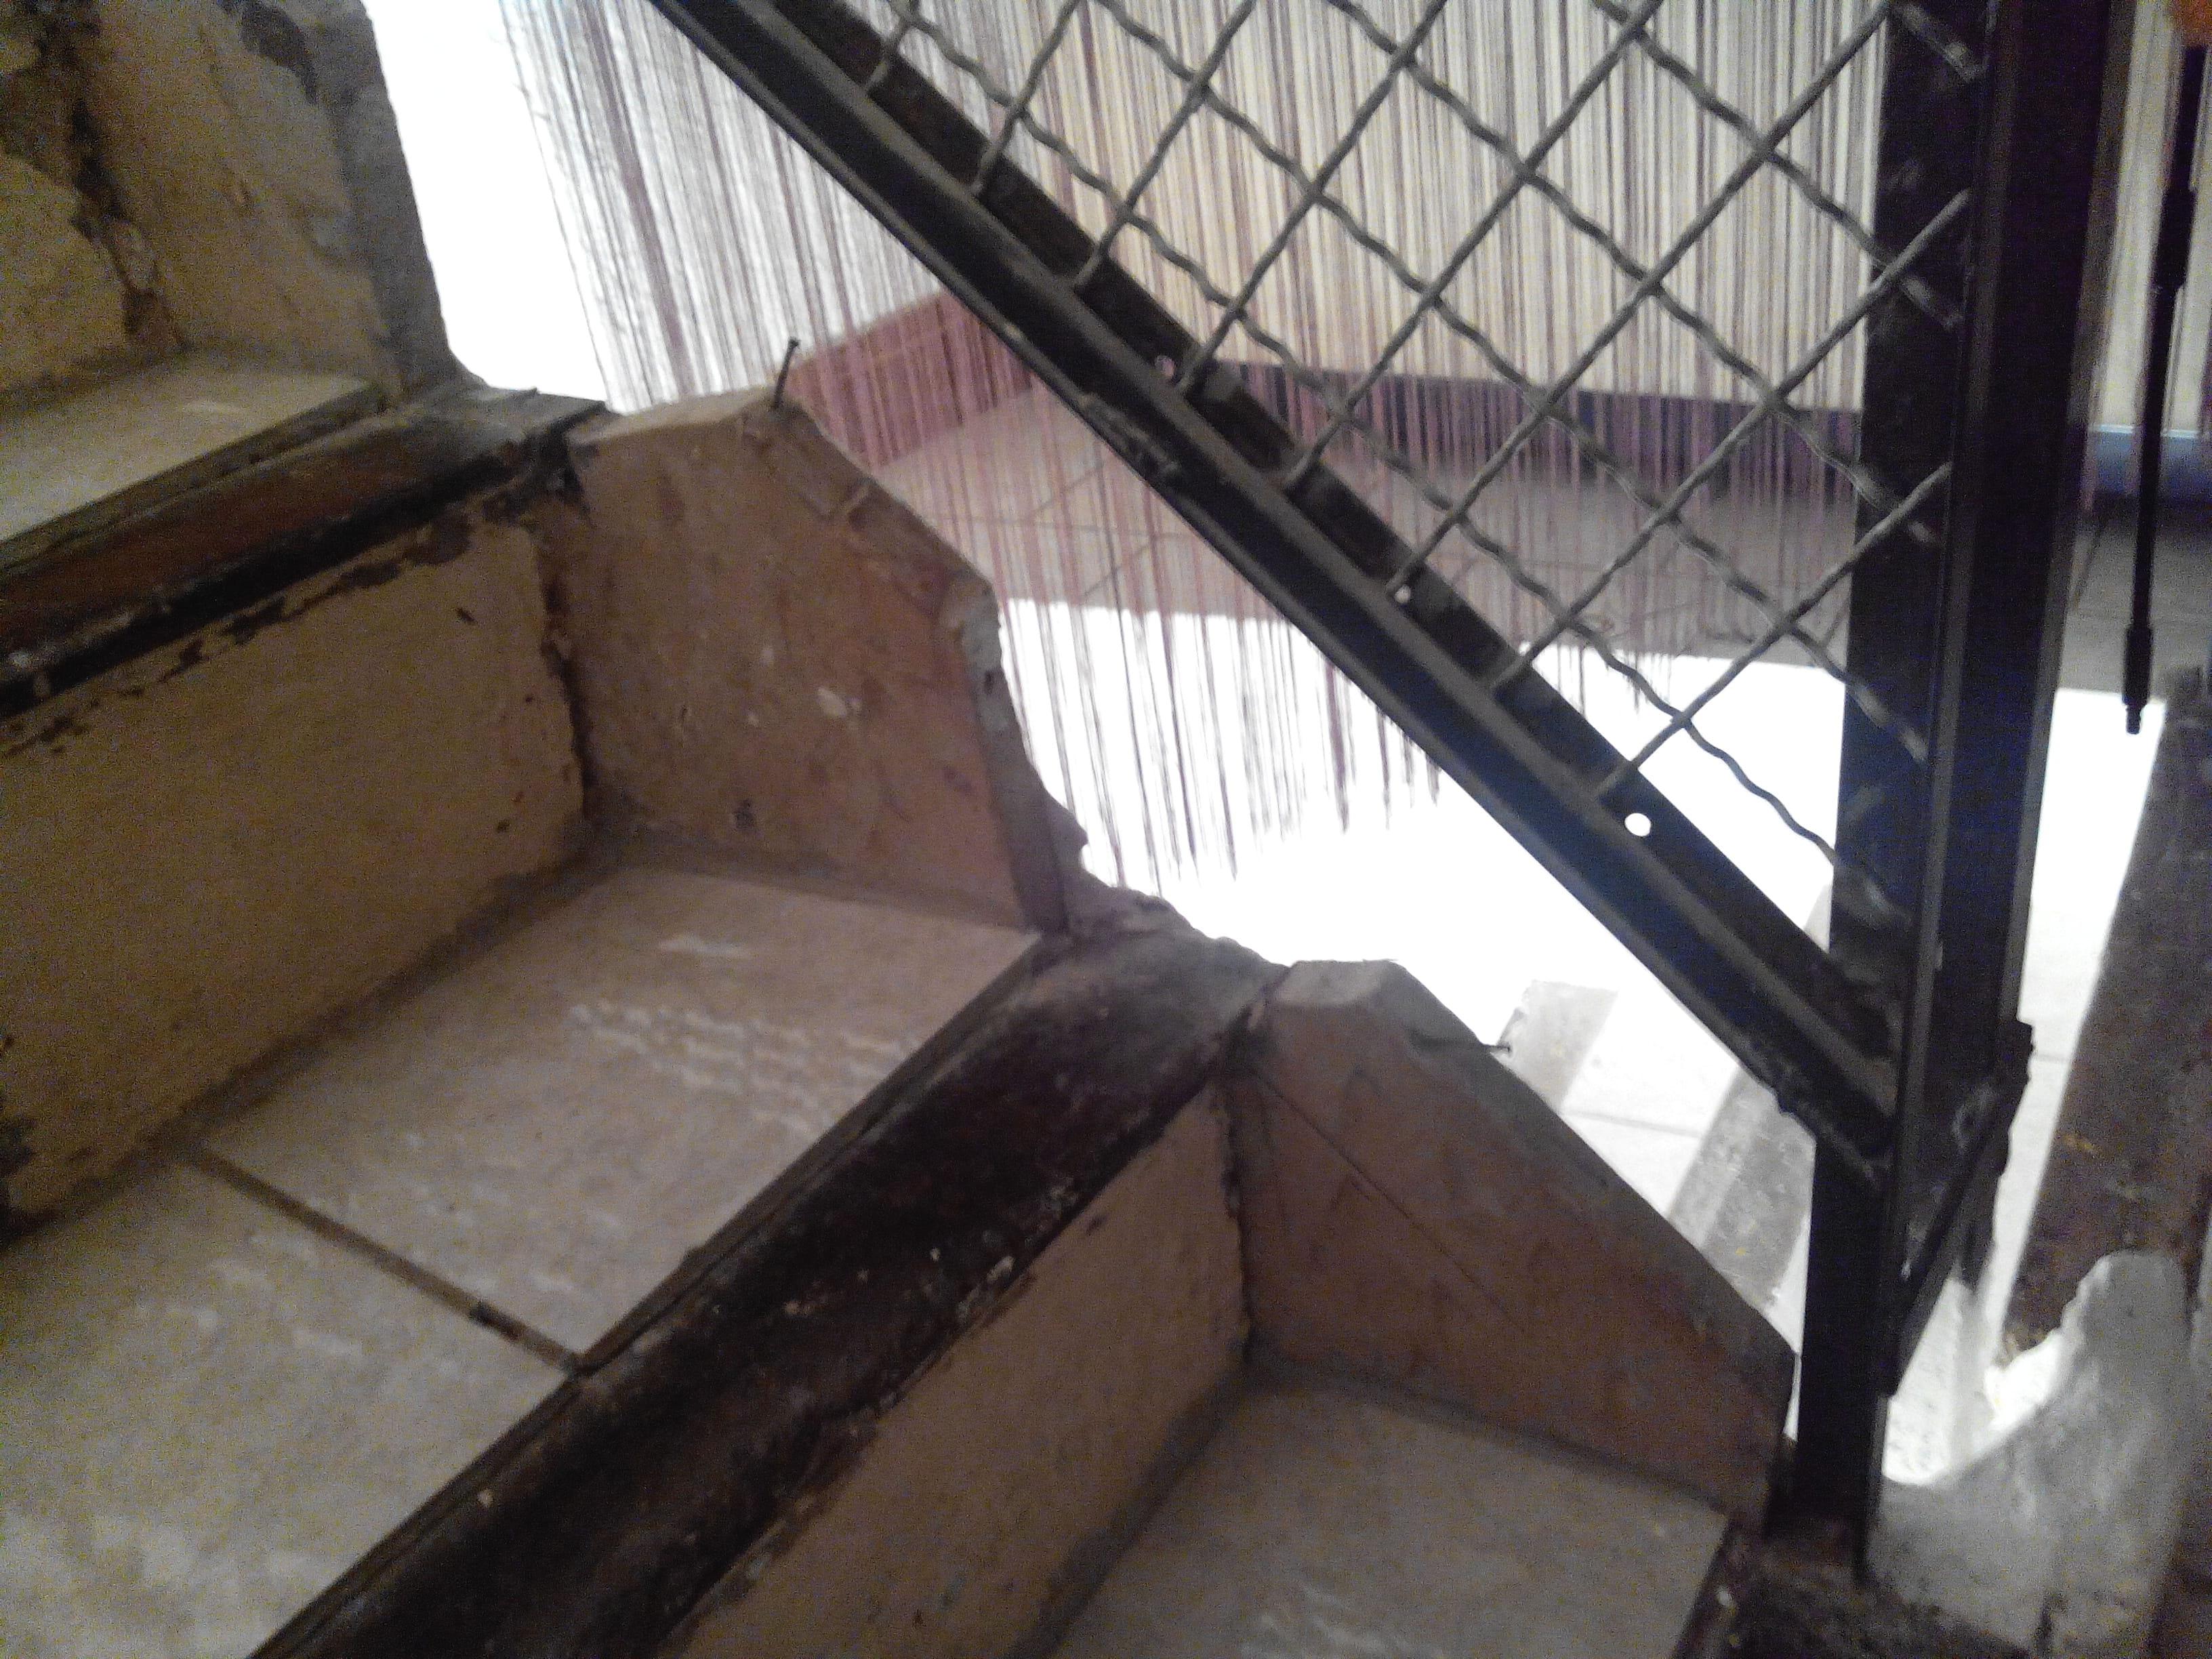 Avec Quoi Recouvrir Un Escalier En Carrelage renovation escaliers très abîmés [résolu] - linternaute